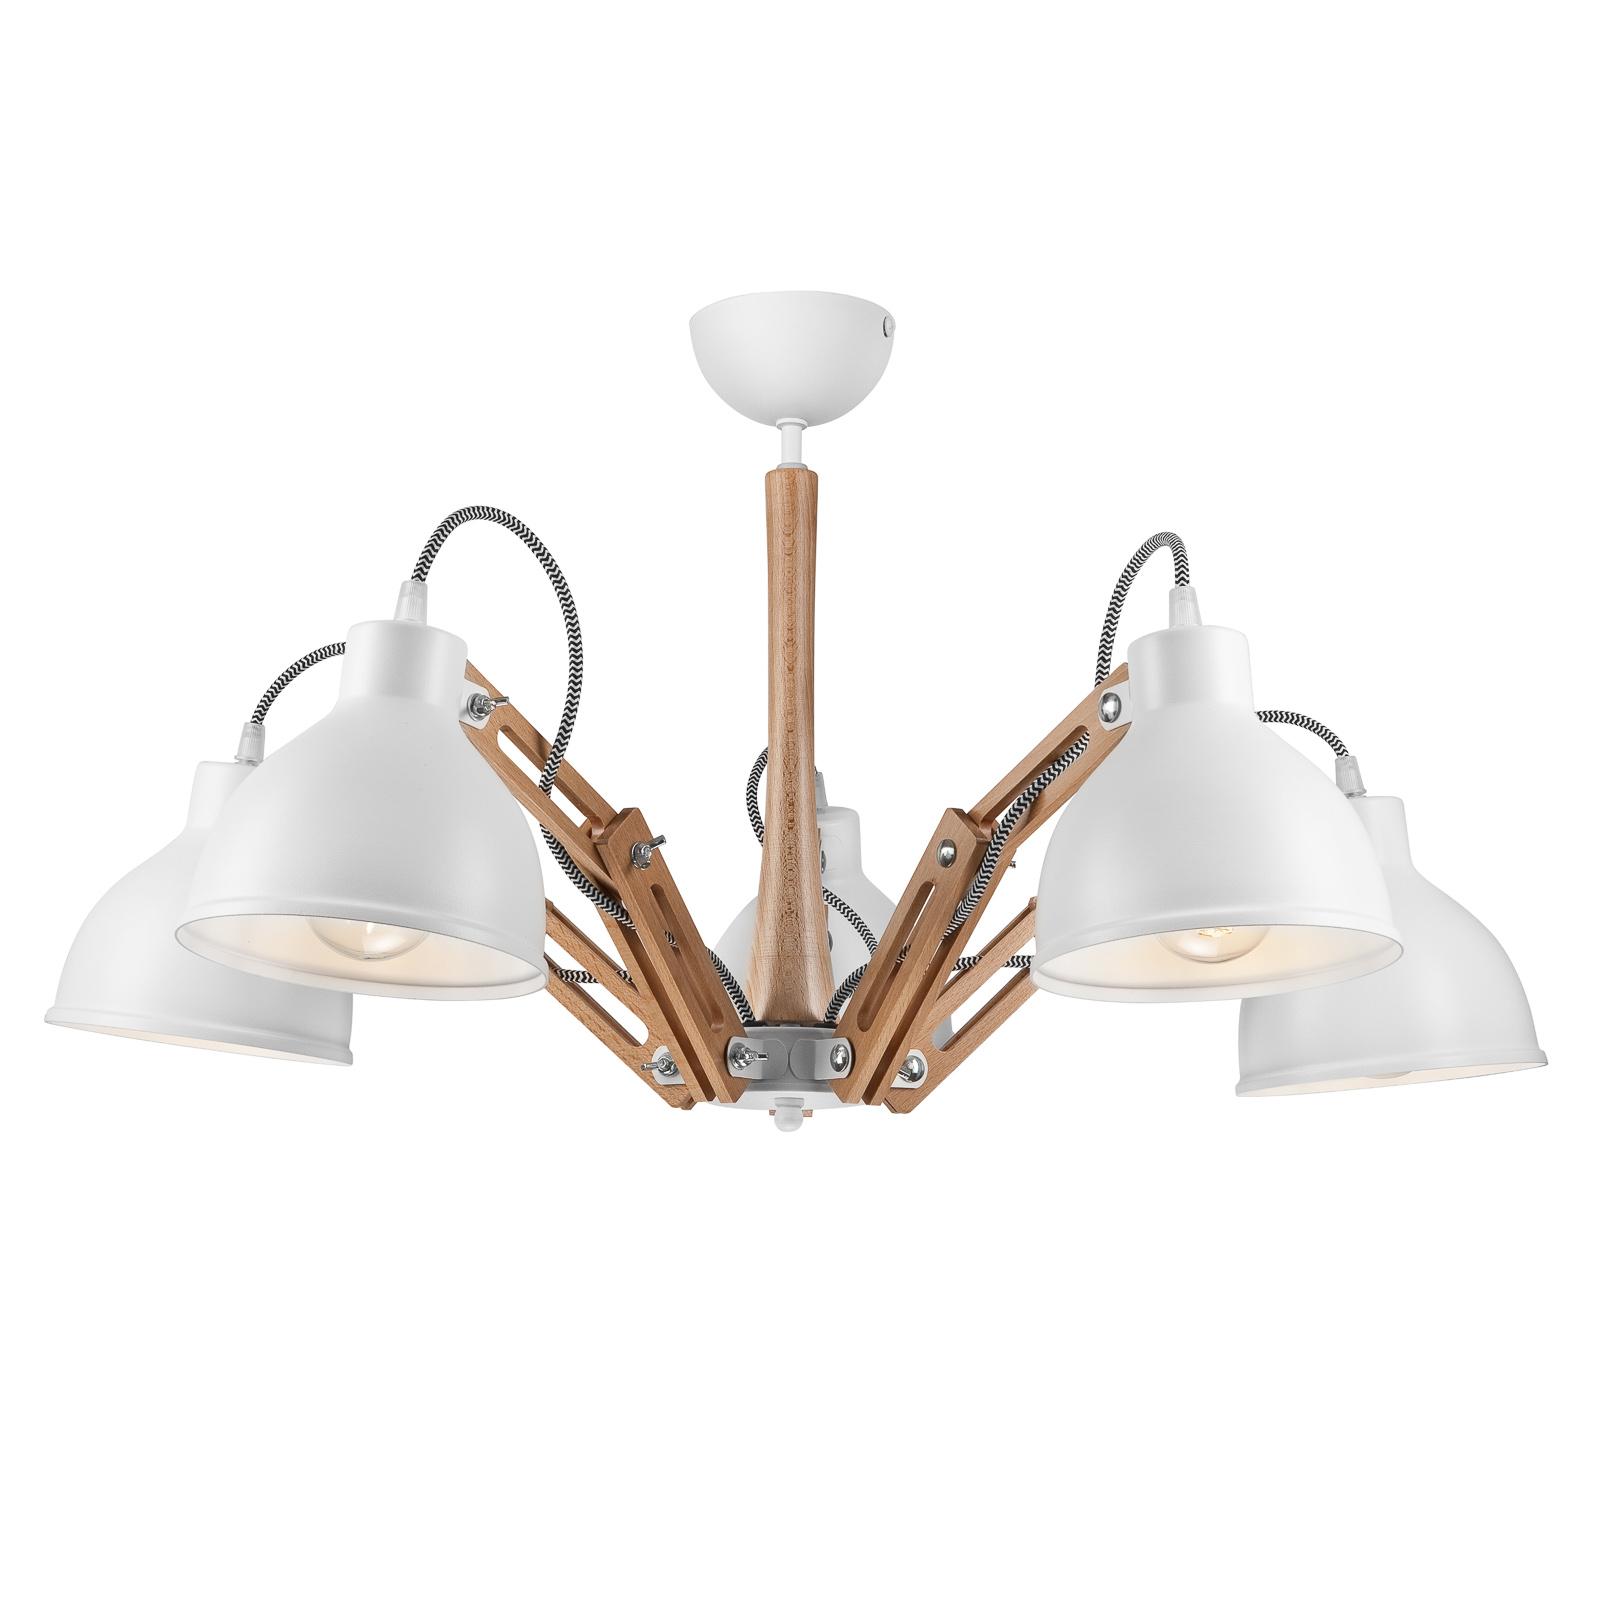 Deckenlampe Skansen 5-flammig verstellbar, weiß